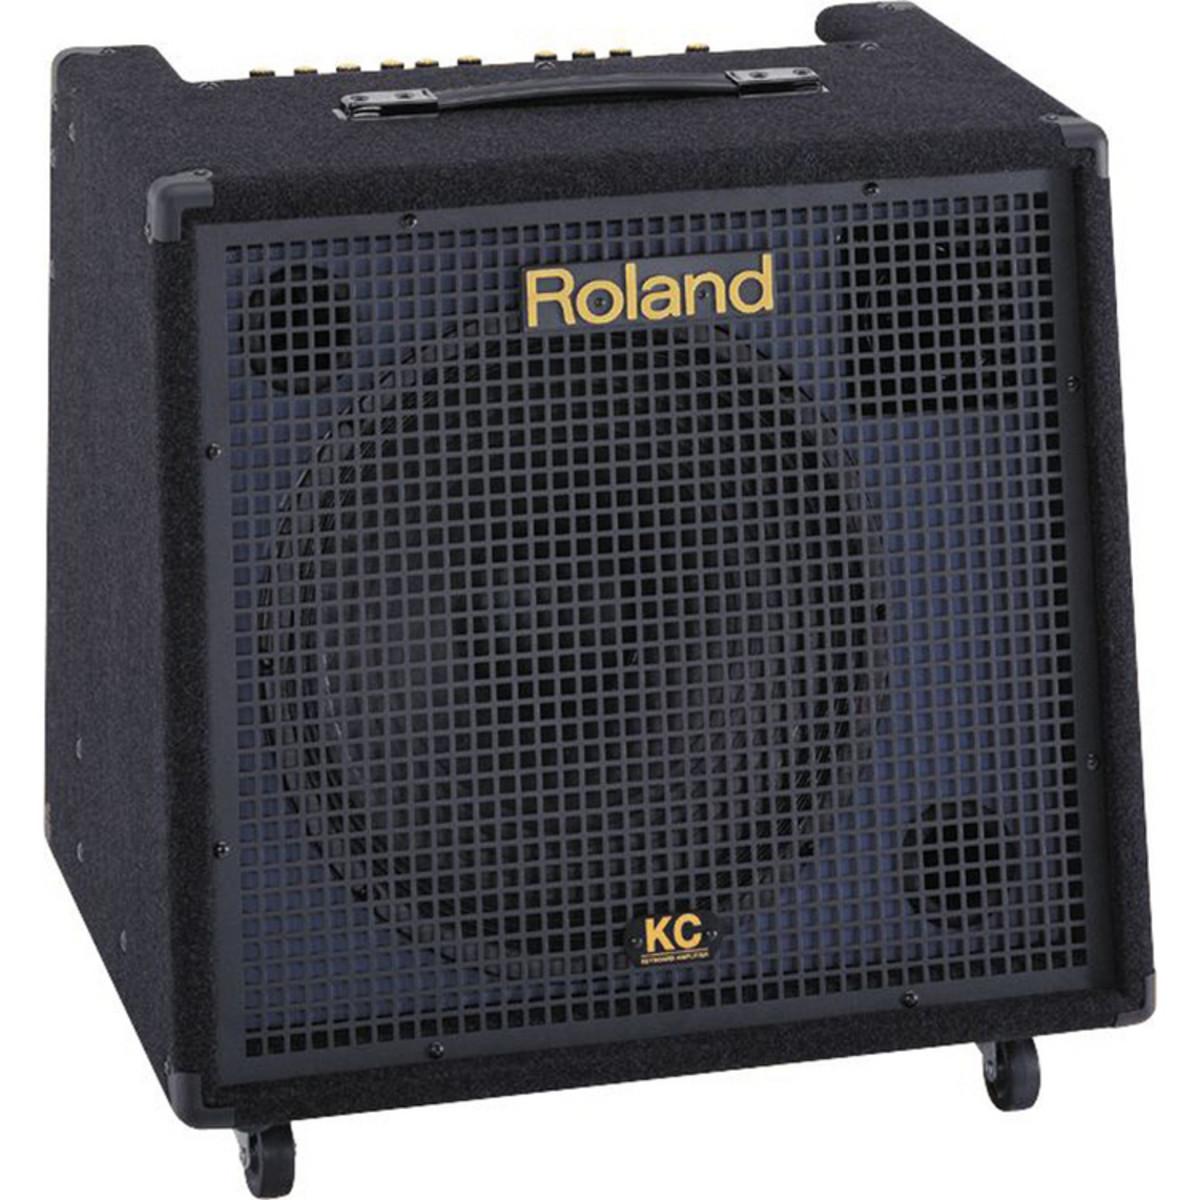 roland kc 550 keyboard amp at. Black Bedroom Furniture Sets. Home Design Ideas